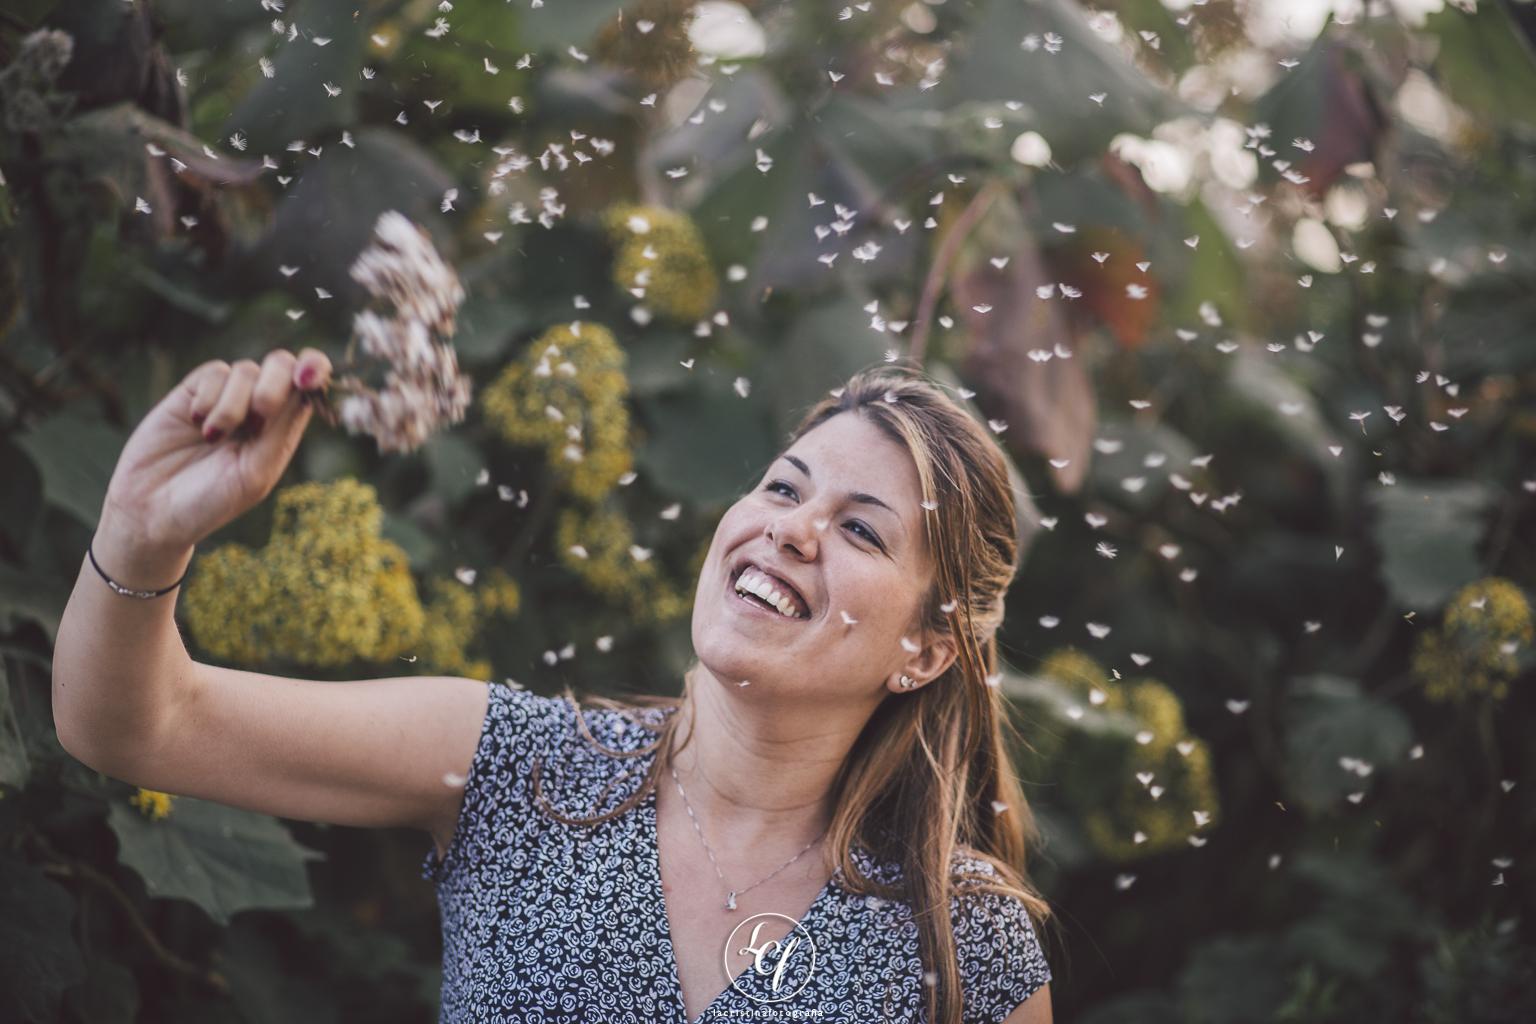 Fotógrafo de embarazo Barcelona :: Ciutadella y Barceloneta :: Fotógrafo romántico en Barcelona :: Fotógrafo de embarazada :: Fotos embarazadas :: Fotografía natural en Barcelona :: Fotógrafo diferente :: Best Barcelona photographer